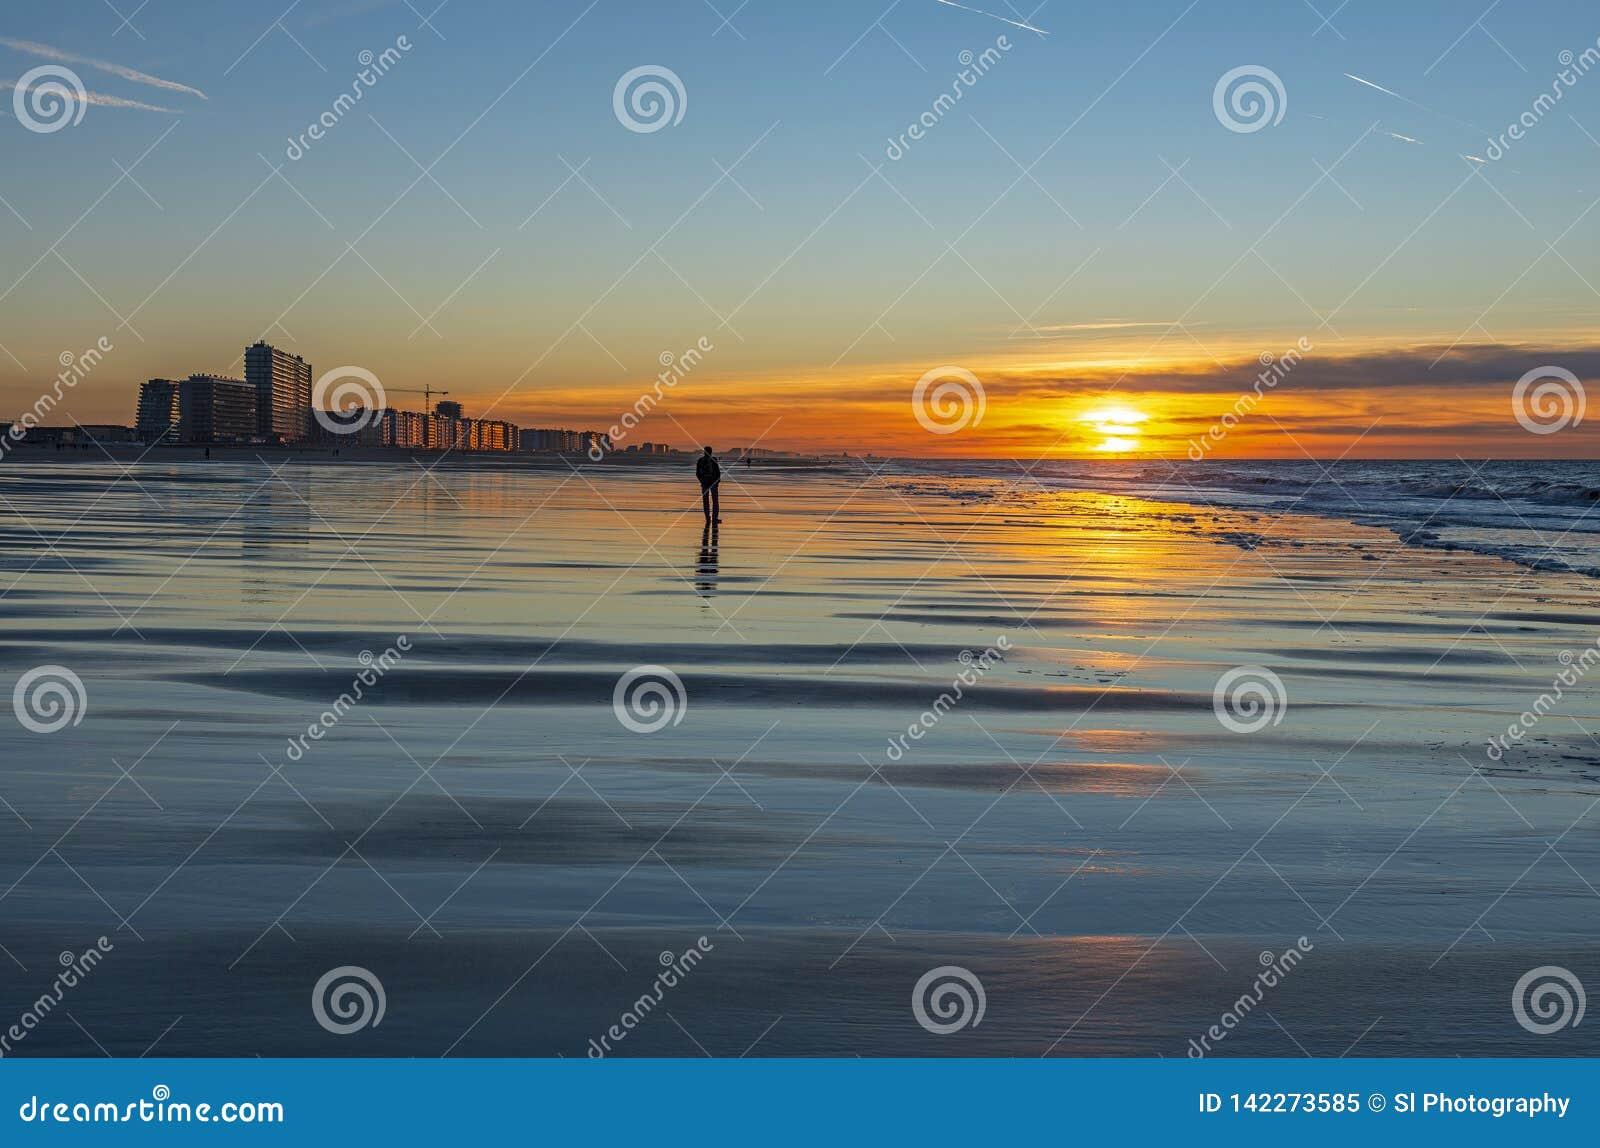 Ostend Beach Contemplation, Belgium